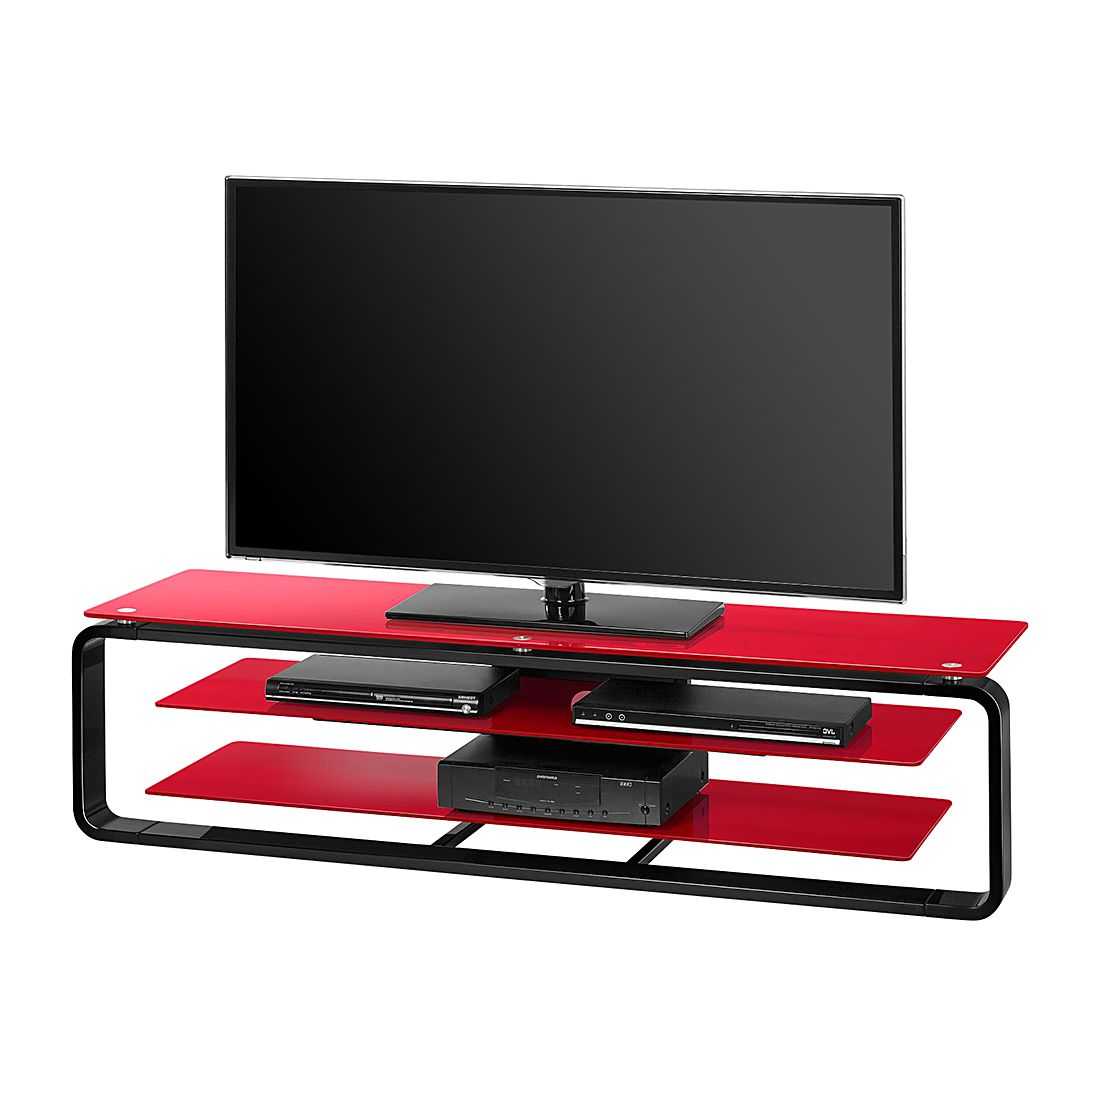 tv rack jared i schwarz glas rot 150 cm maja m bel g nstig kaufen. Black Bedroom Furniture Sets. Home Design Ideas